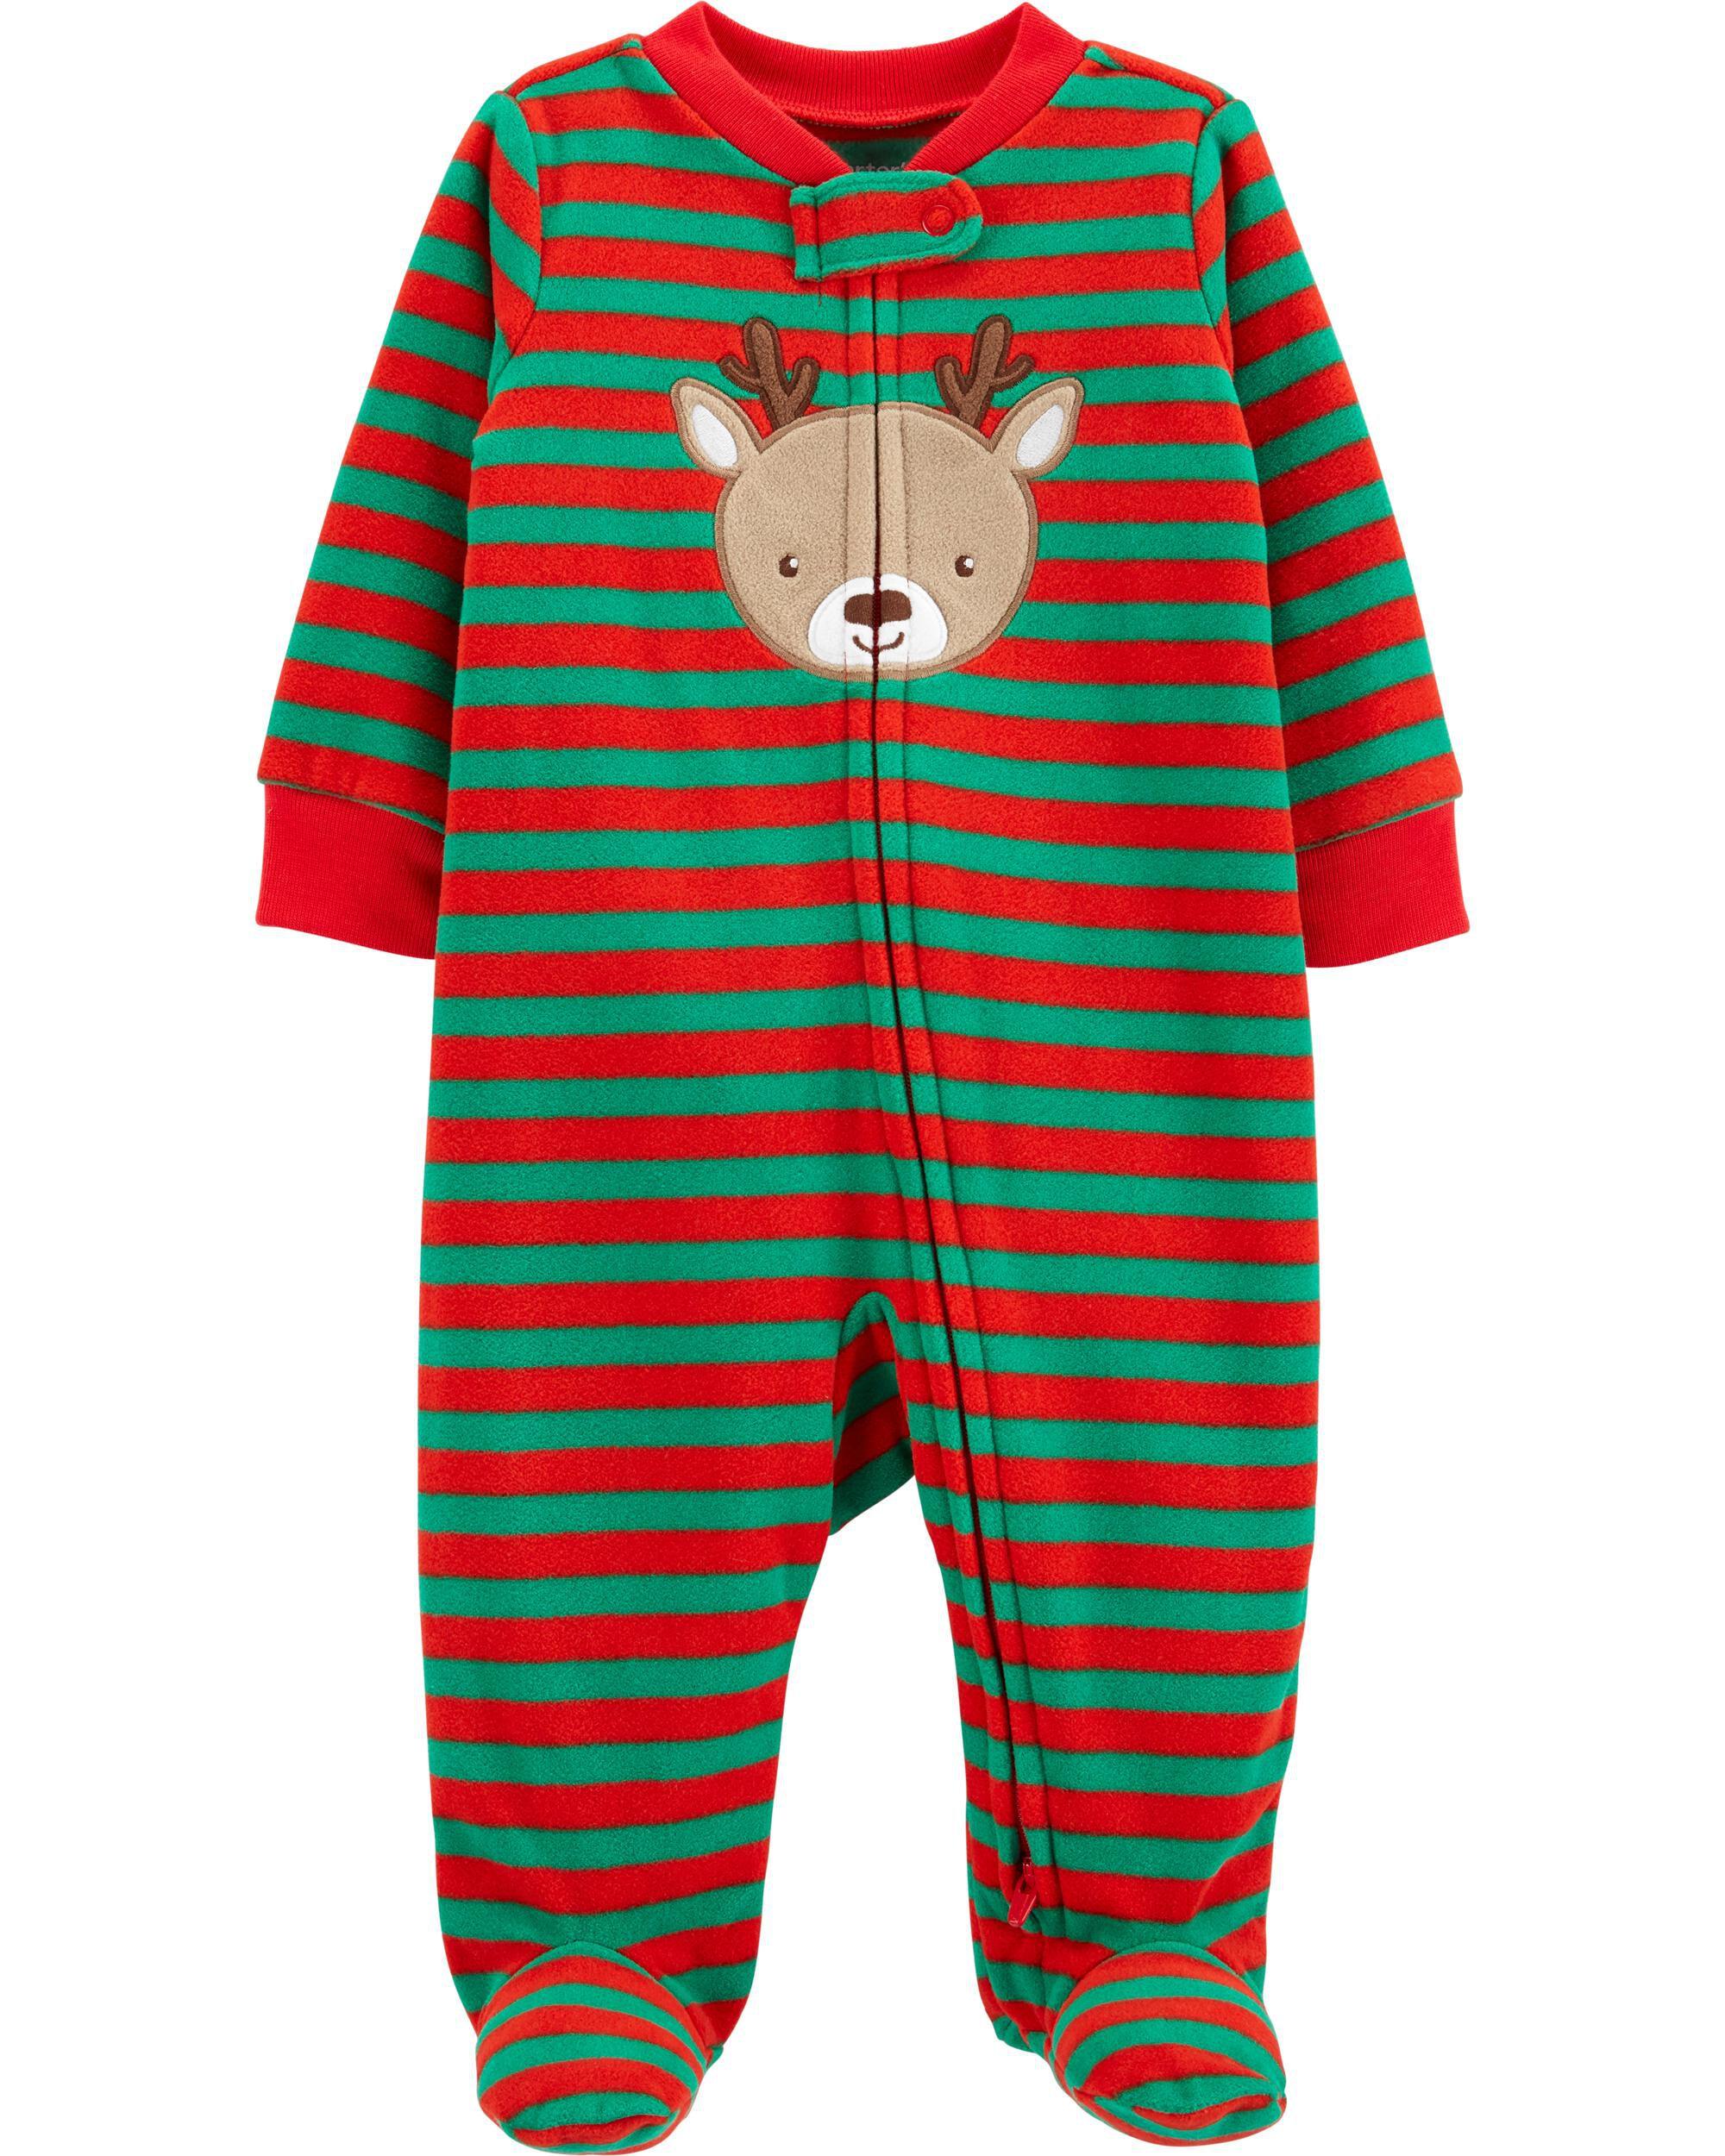 Carters Christmas Reindeer Zip-Up Fleece Sleep & Play